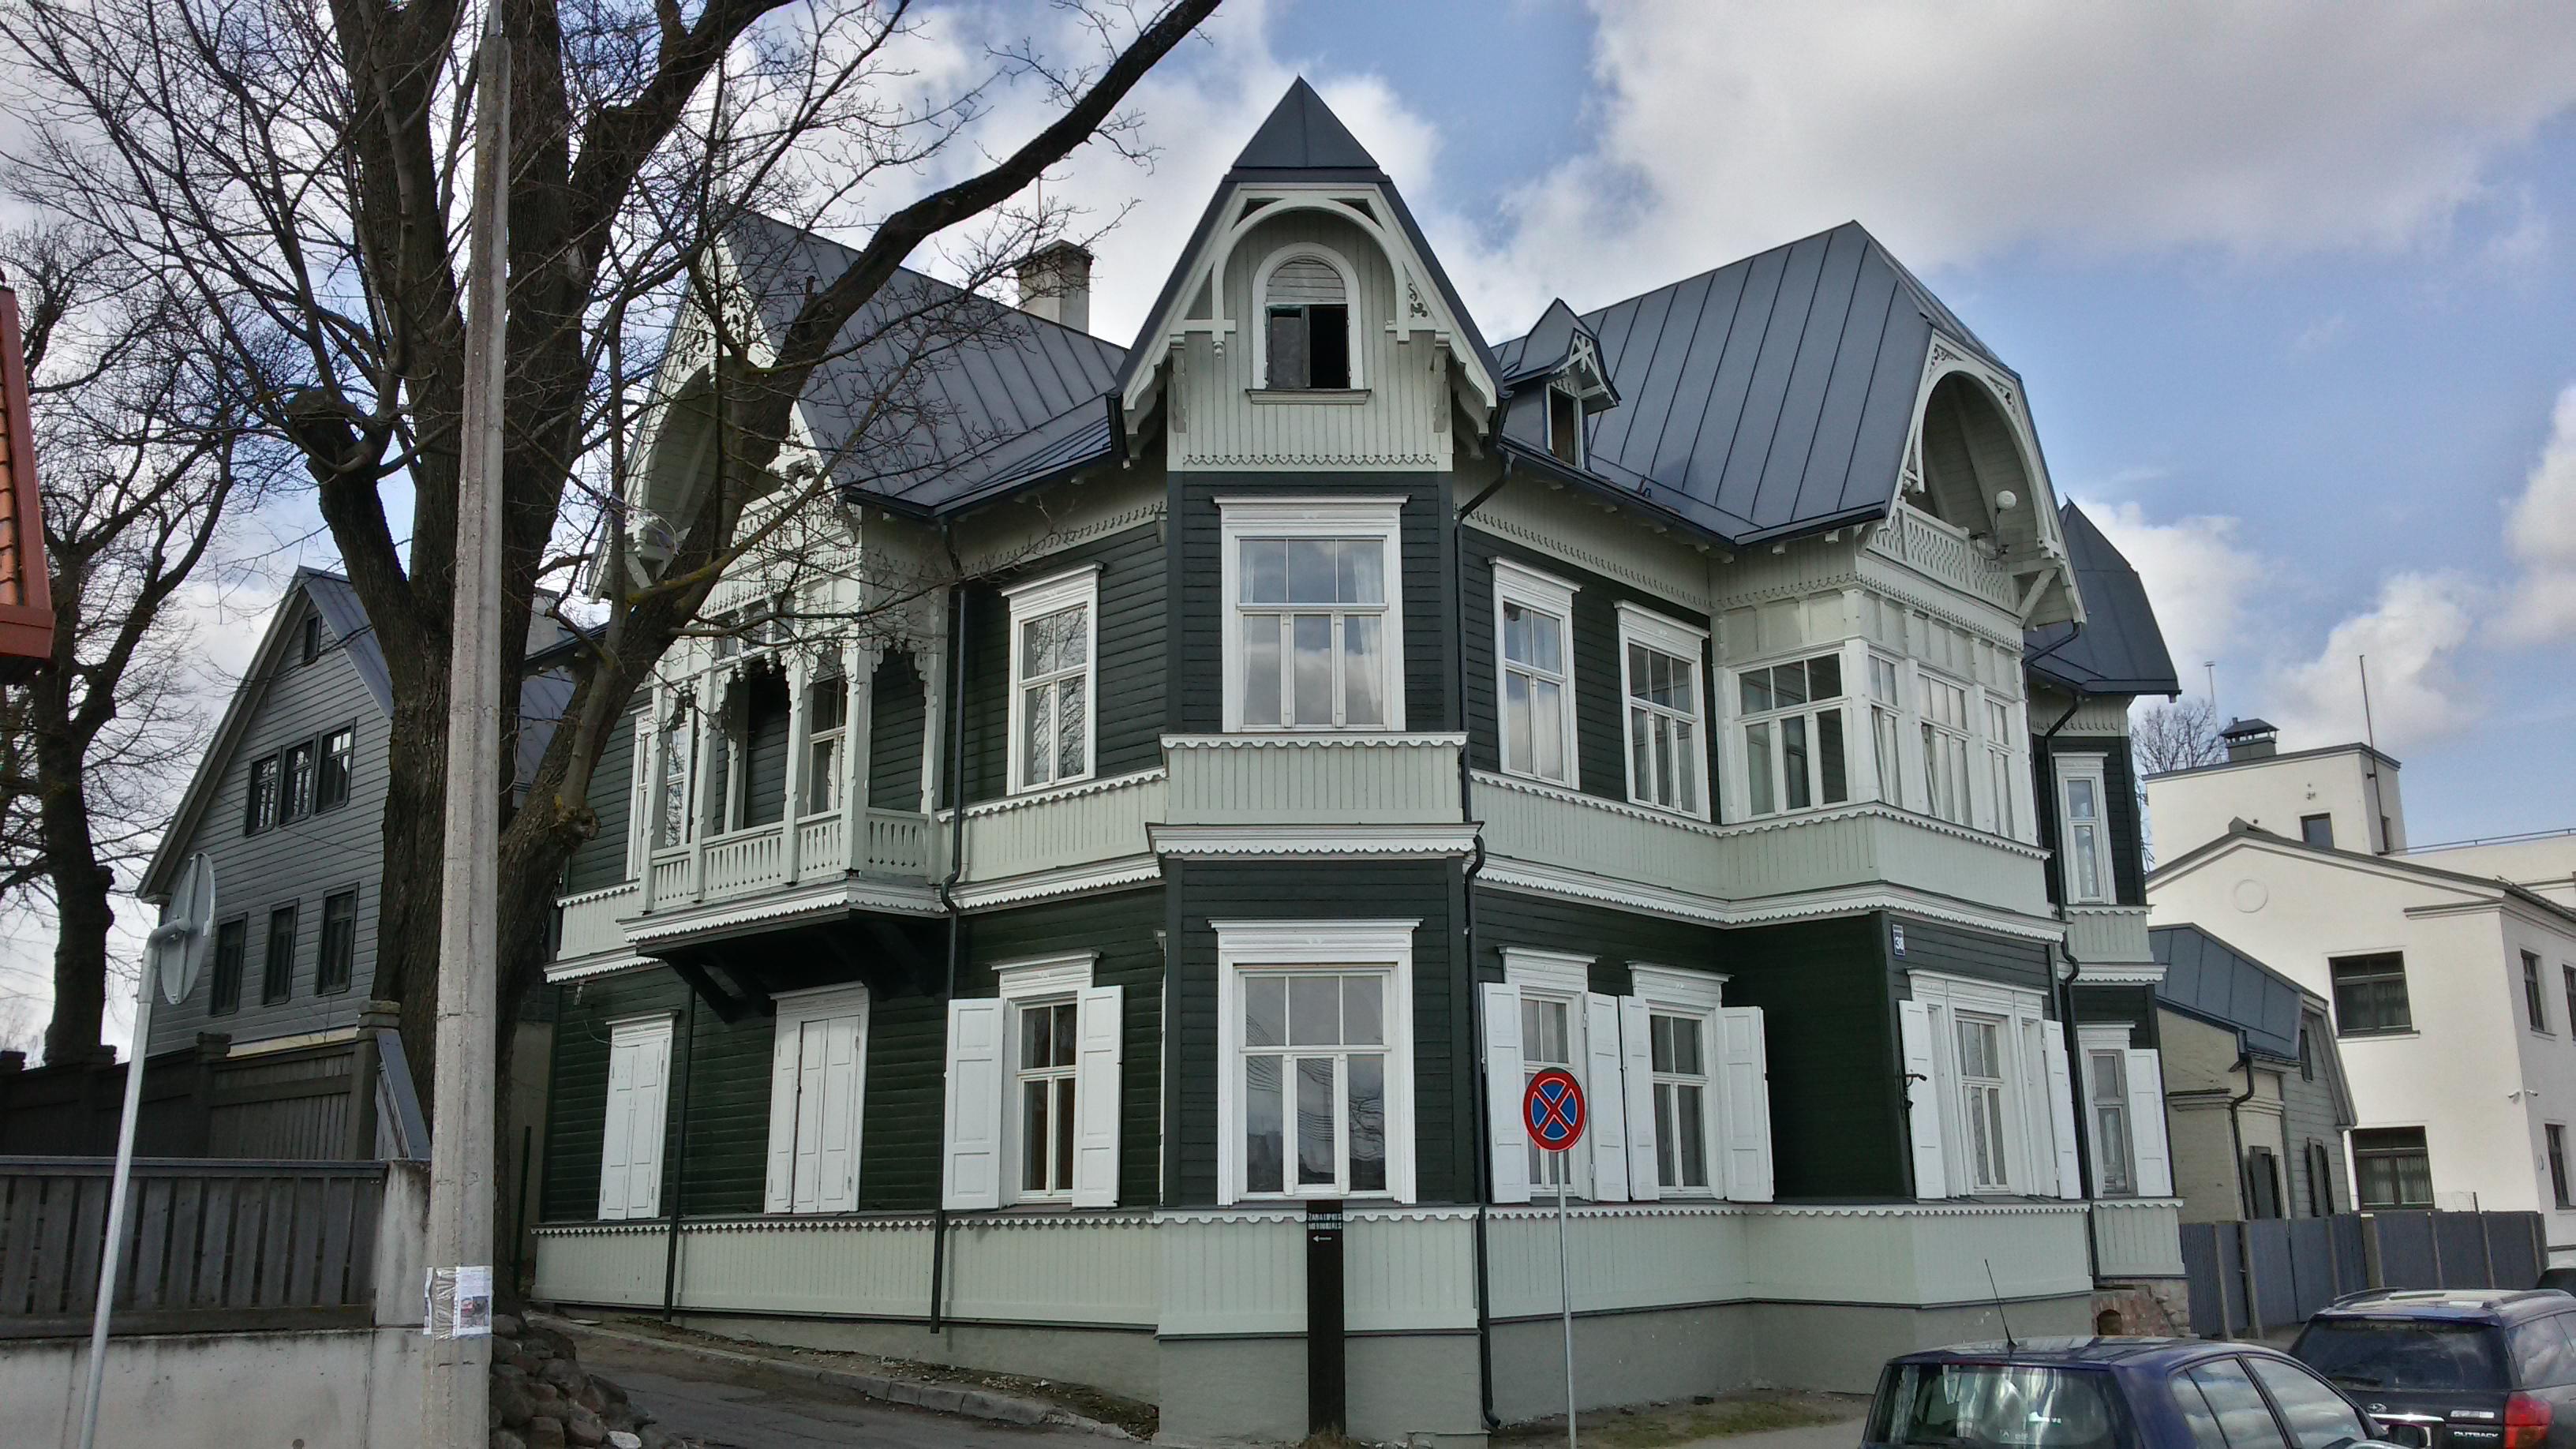 Дом на Баласта дамбис 38/40, архитектор Я. Алкснис, 1907 год.